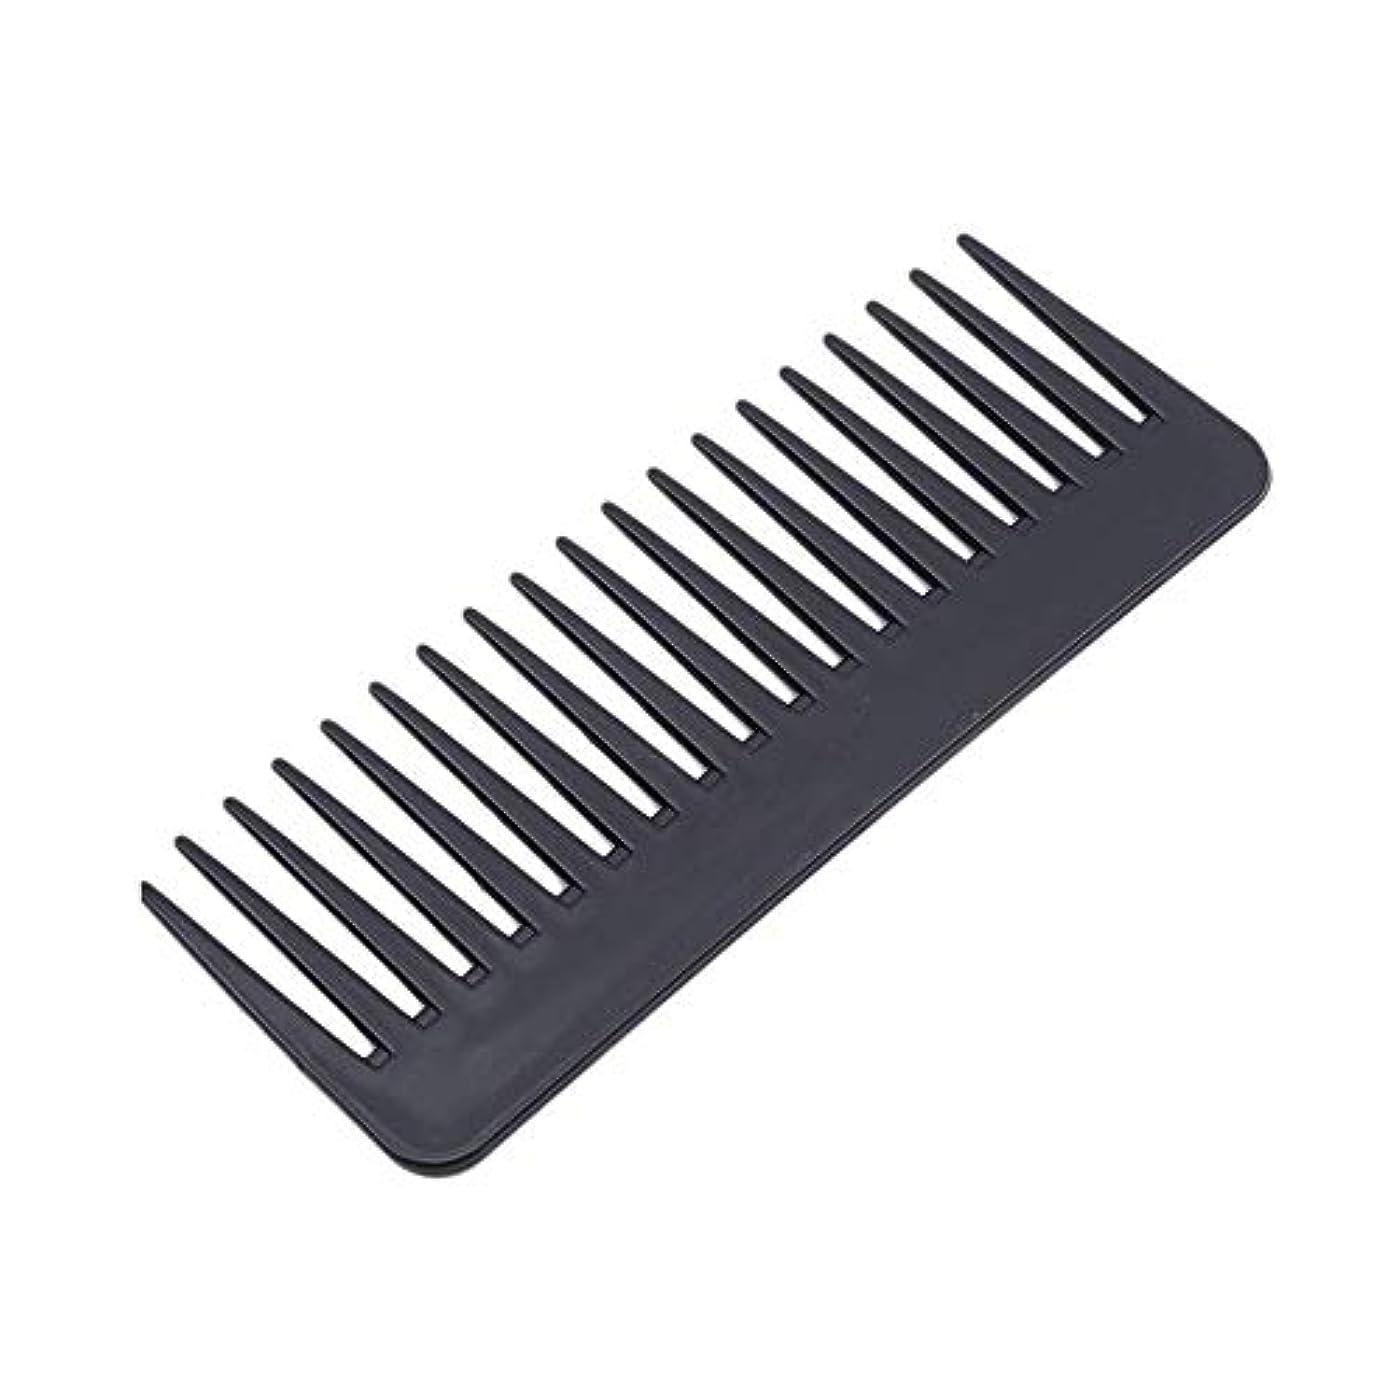 変換するサイト関数1st market 広い歯の櫛の腹筋理髪ツールの ための耐熱性プラスチック大きな歯の櫛